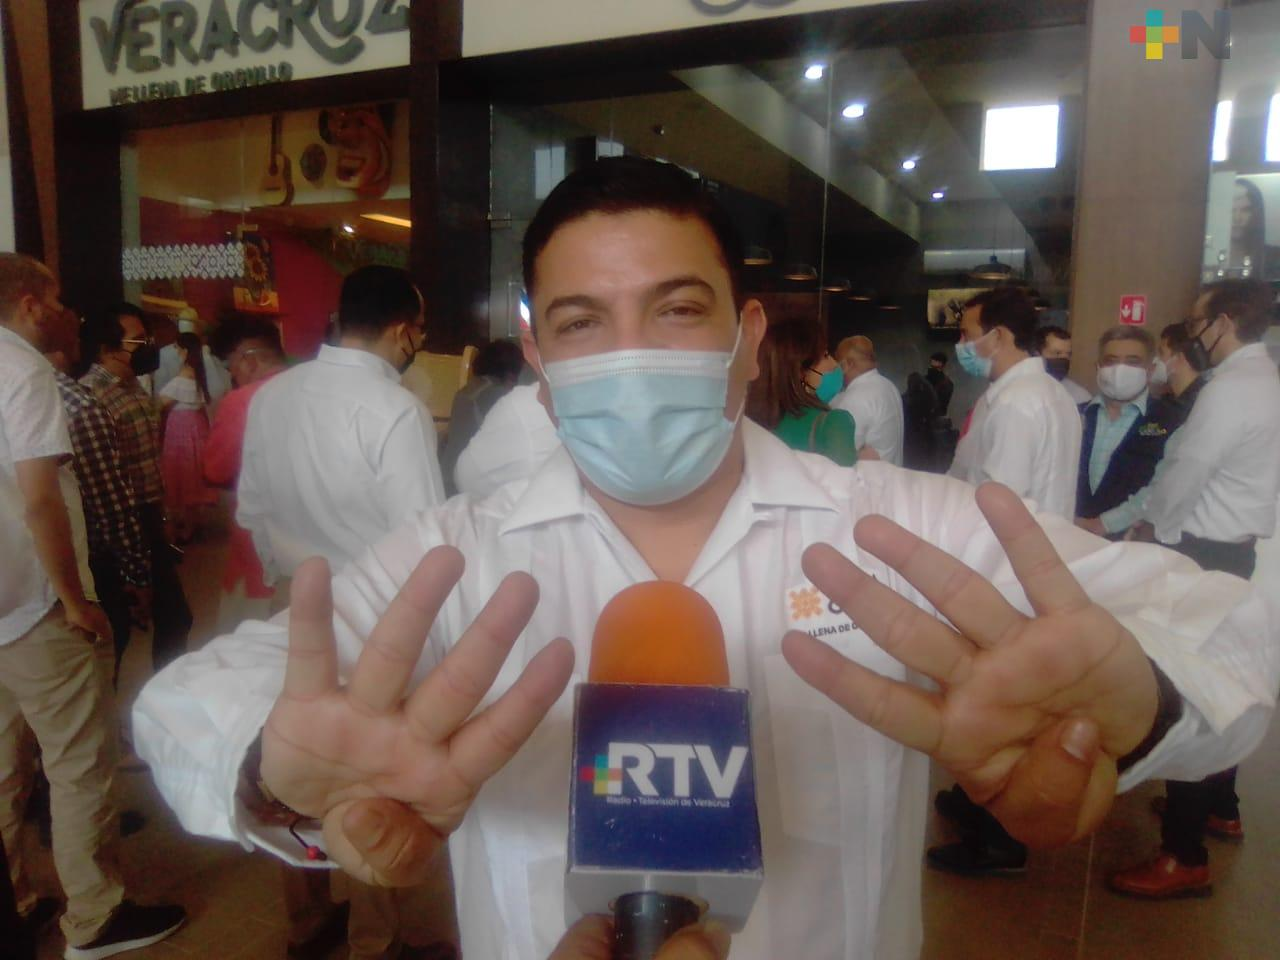 Congreso también impulsó apertura de la Tienda Veracruz